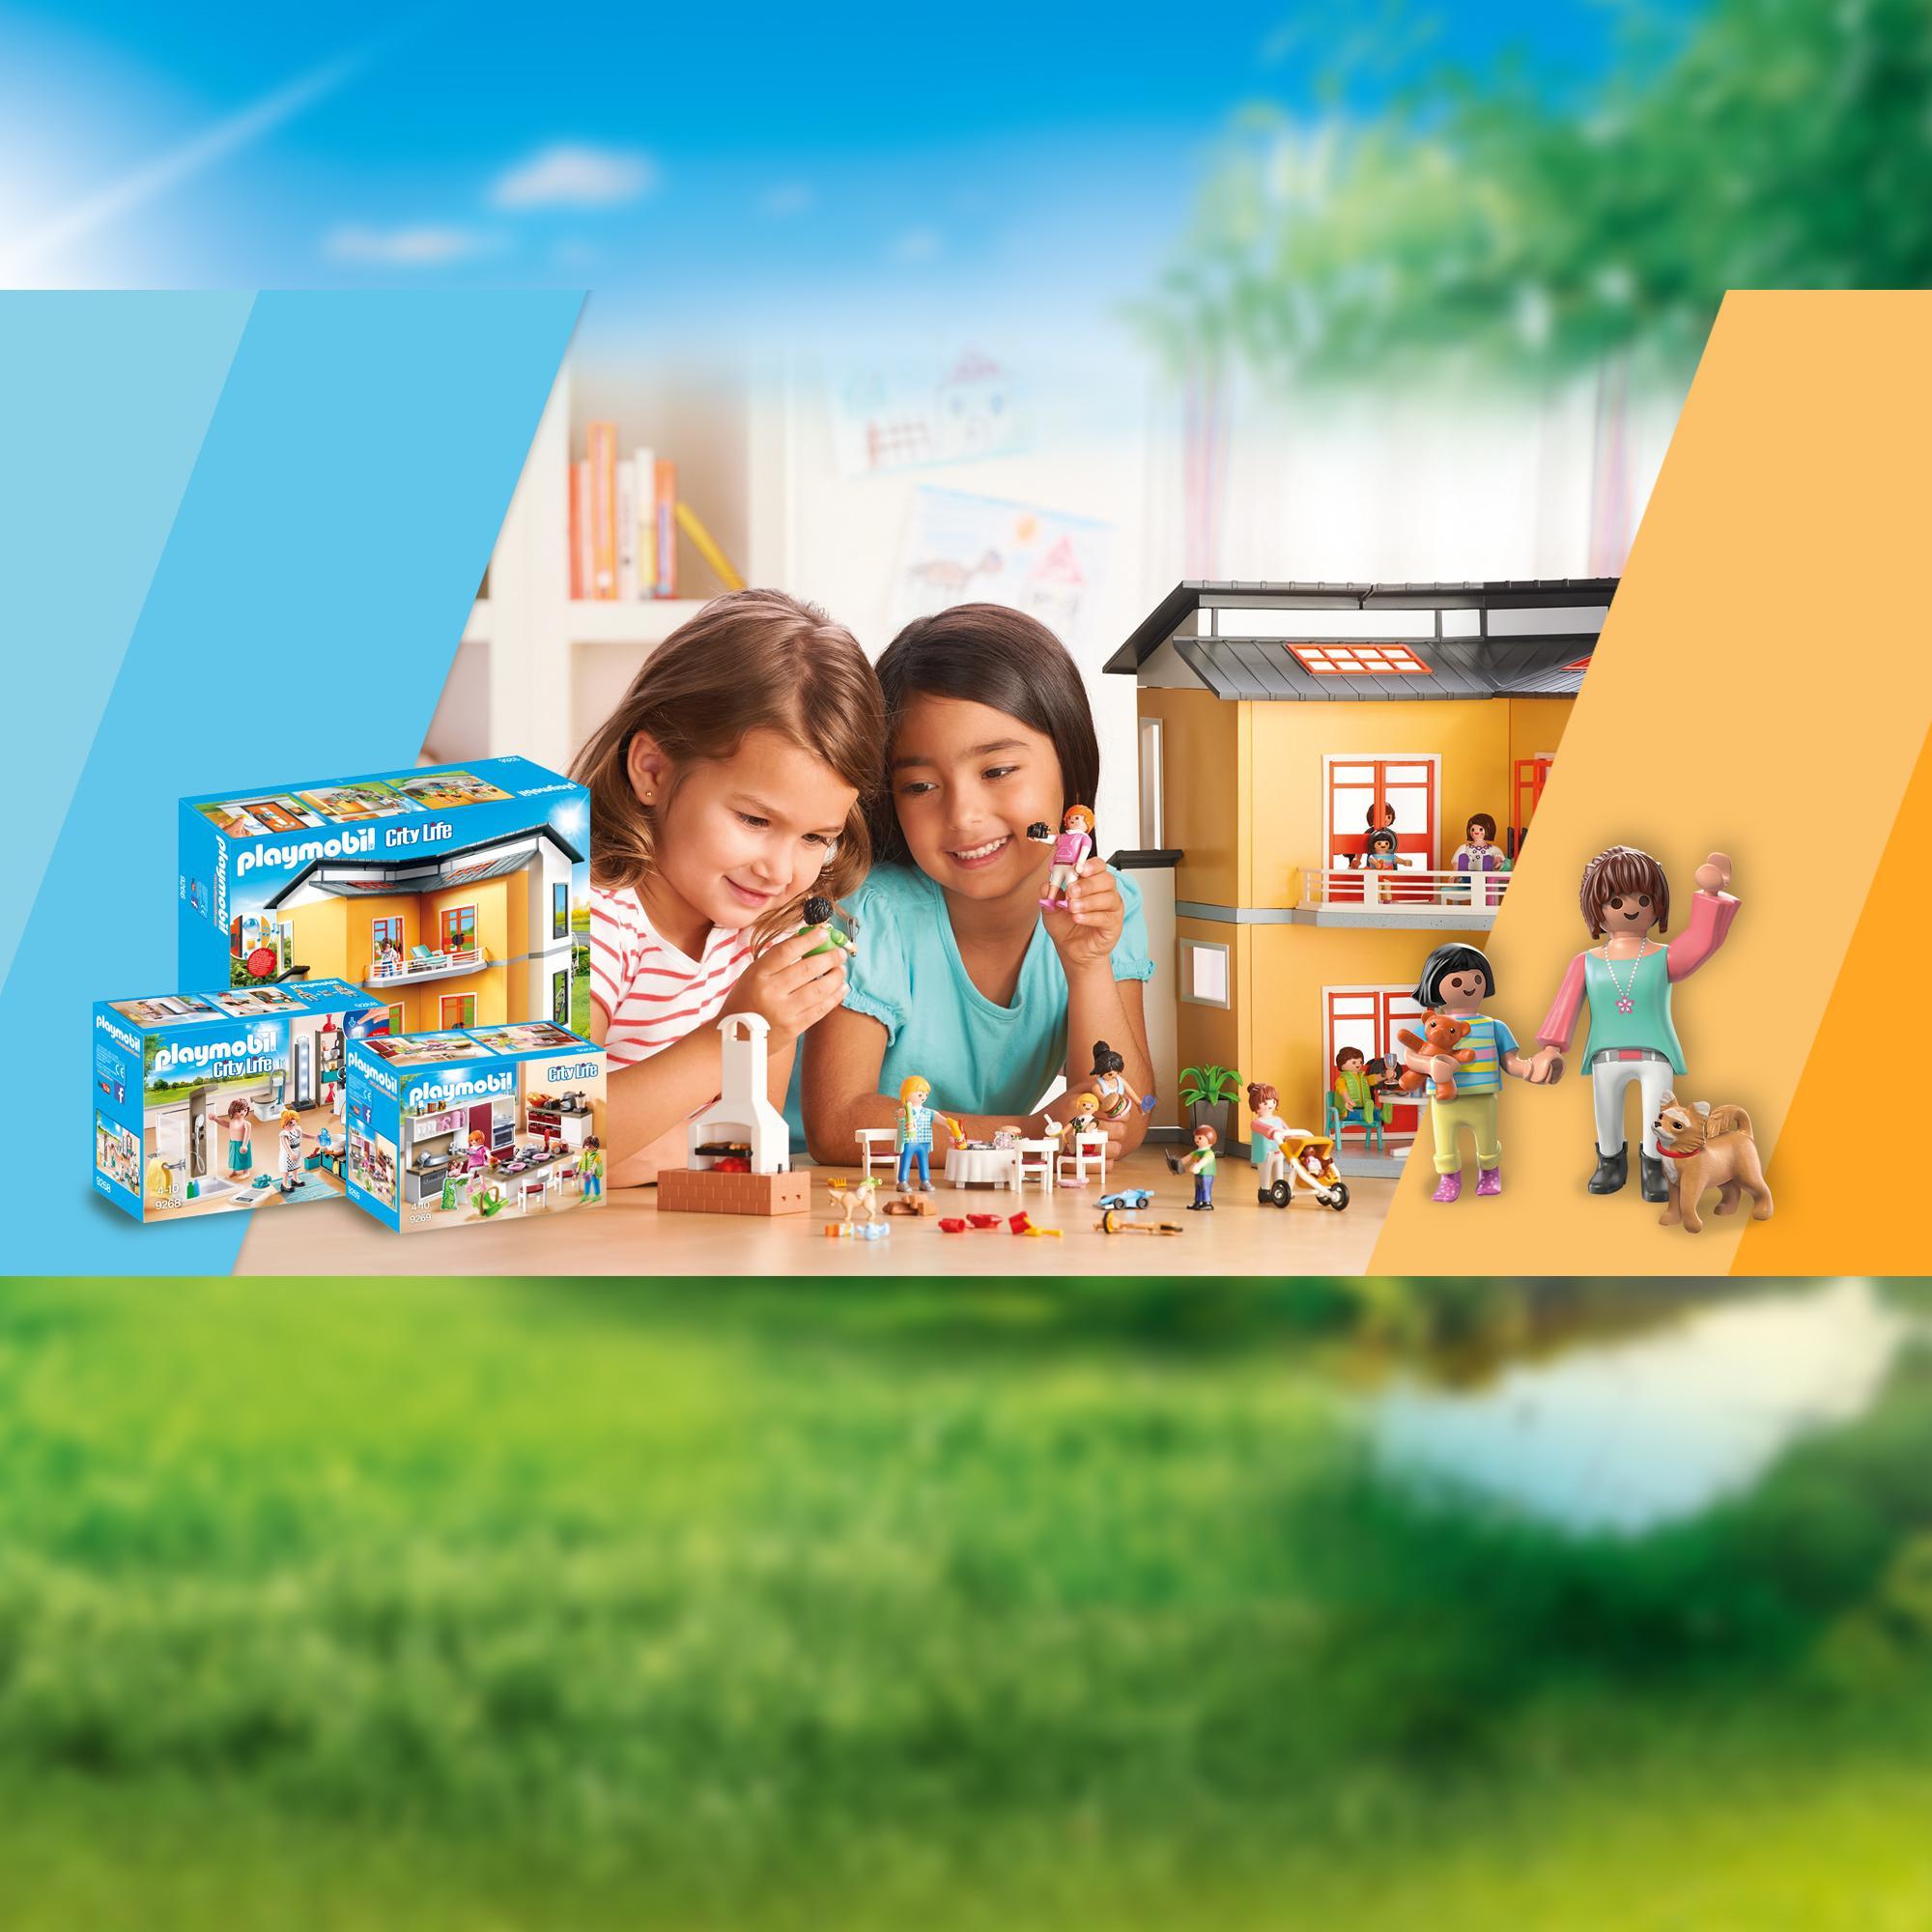 PLAYMOBIL® jouets, boutique officielle France PLAYMOBIL ...